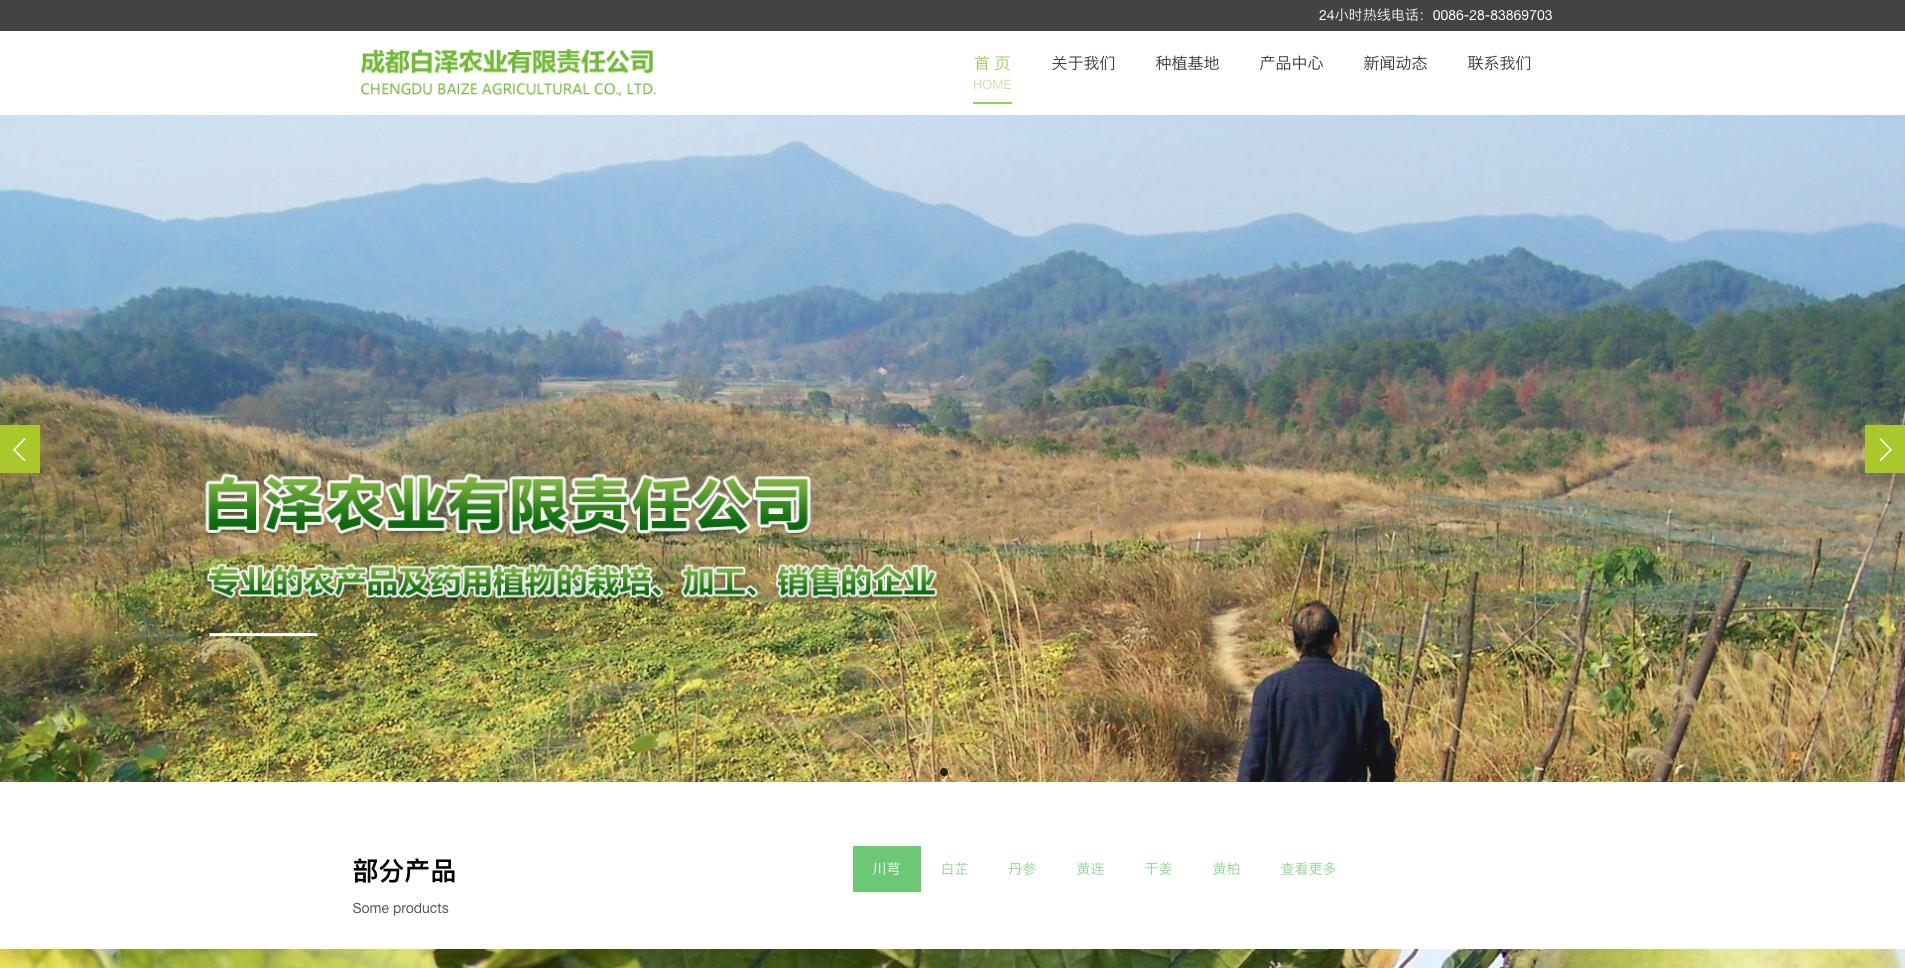 白澤農業網站首屏截圖